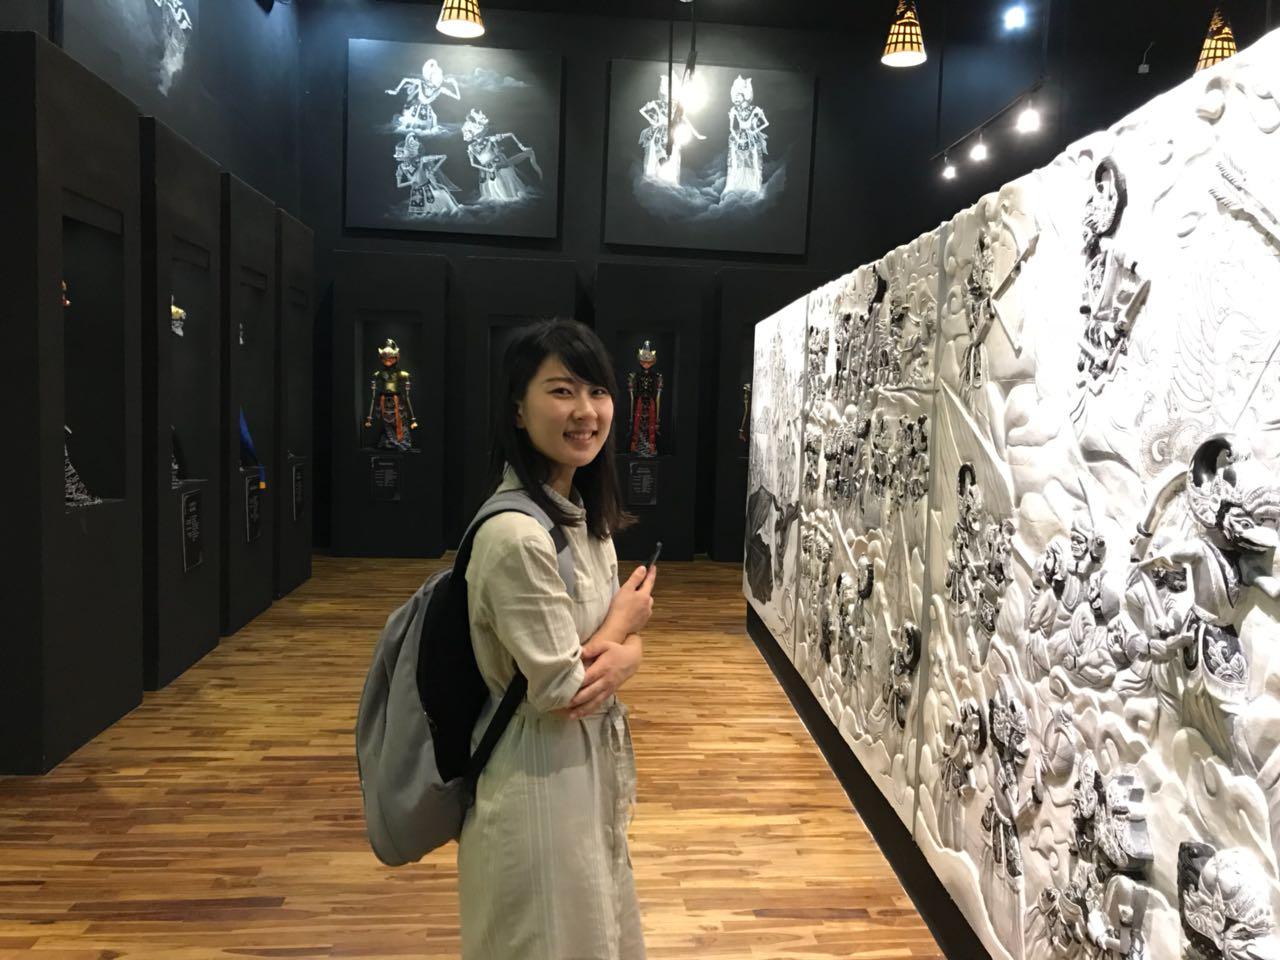 Turis Asal Jepang Tertarik Pada Tokoh Wayang yang Pernah Jadi Julukan bagi Dedi Mulyadi. Siapa Tokoh Itu?